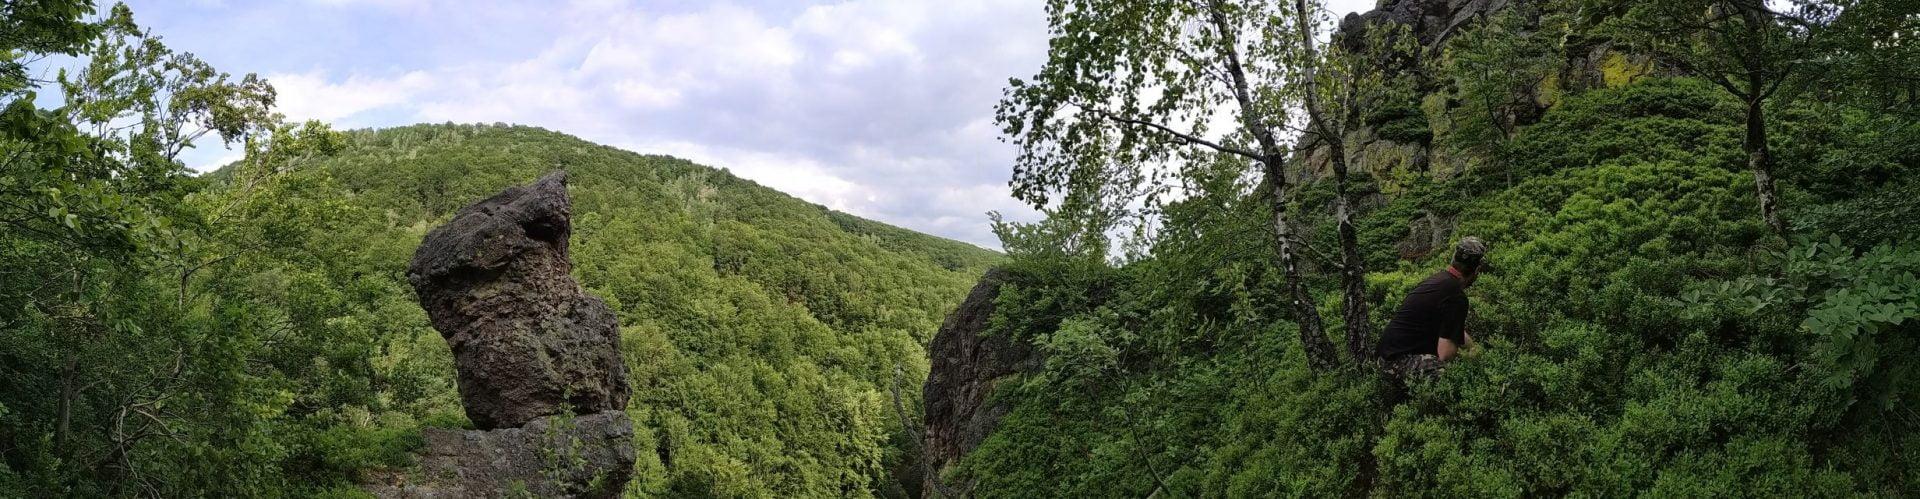 зачарованная долина фото